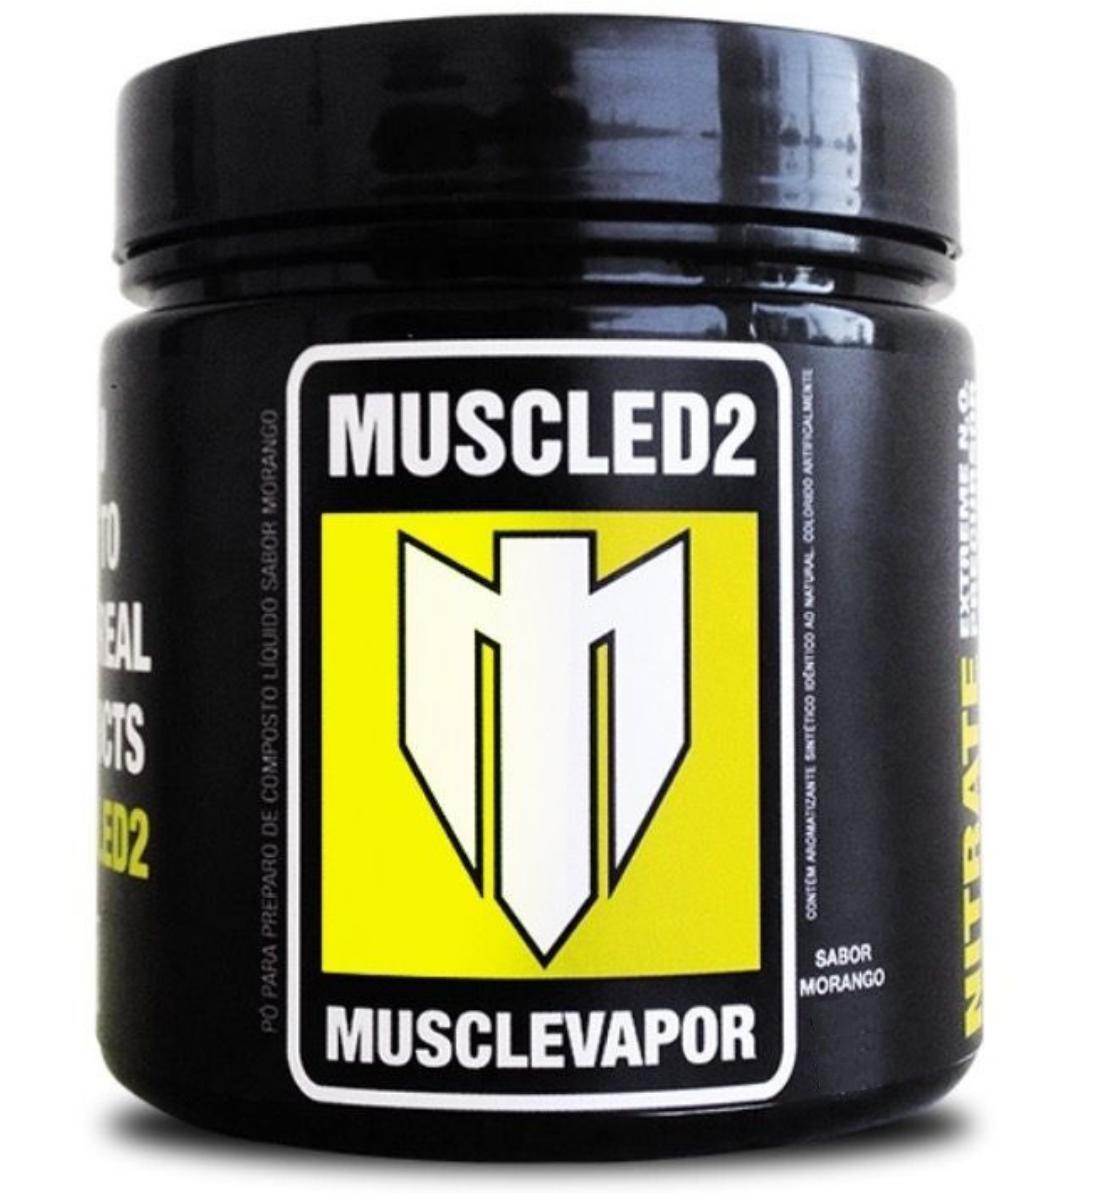 MuscleVapor - PRÉ TREINO 250g